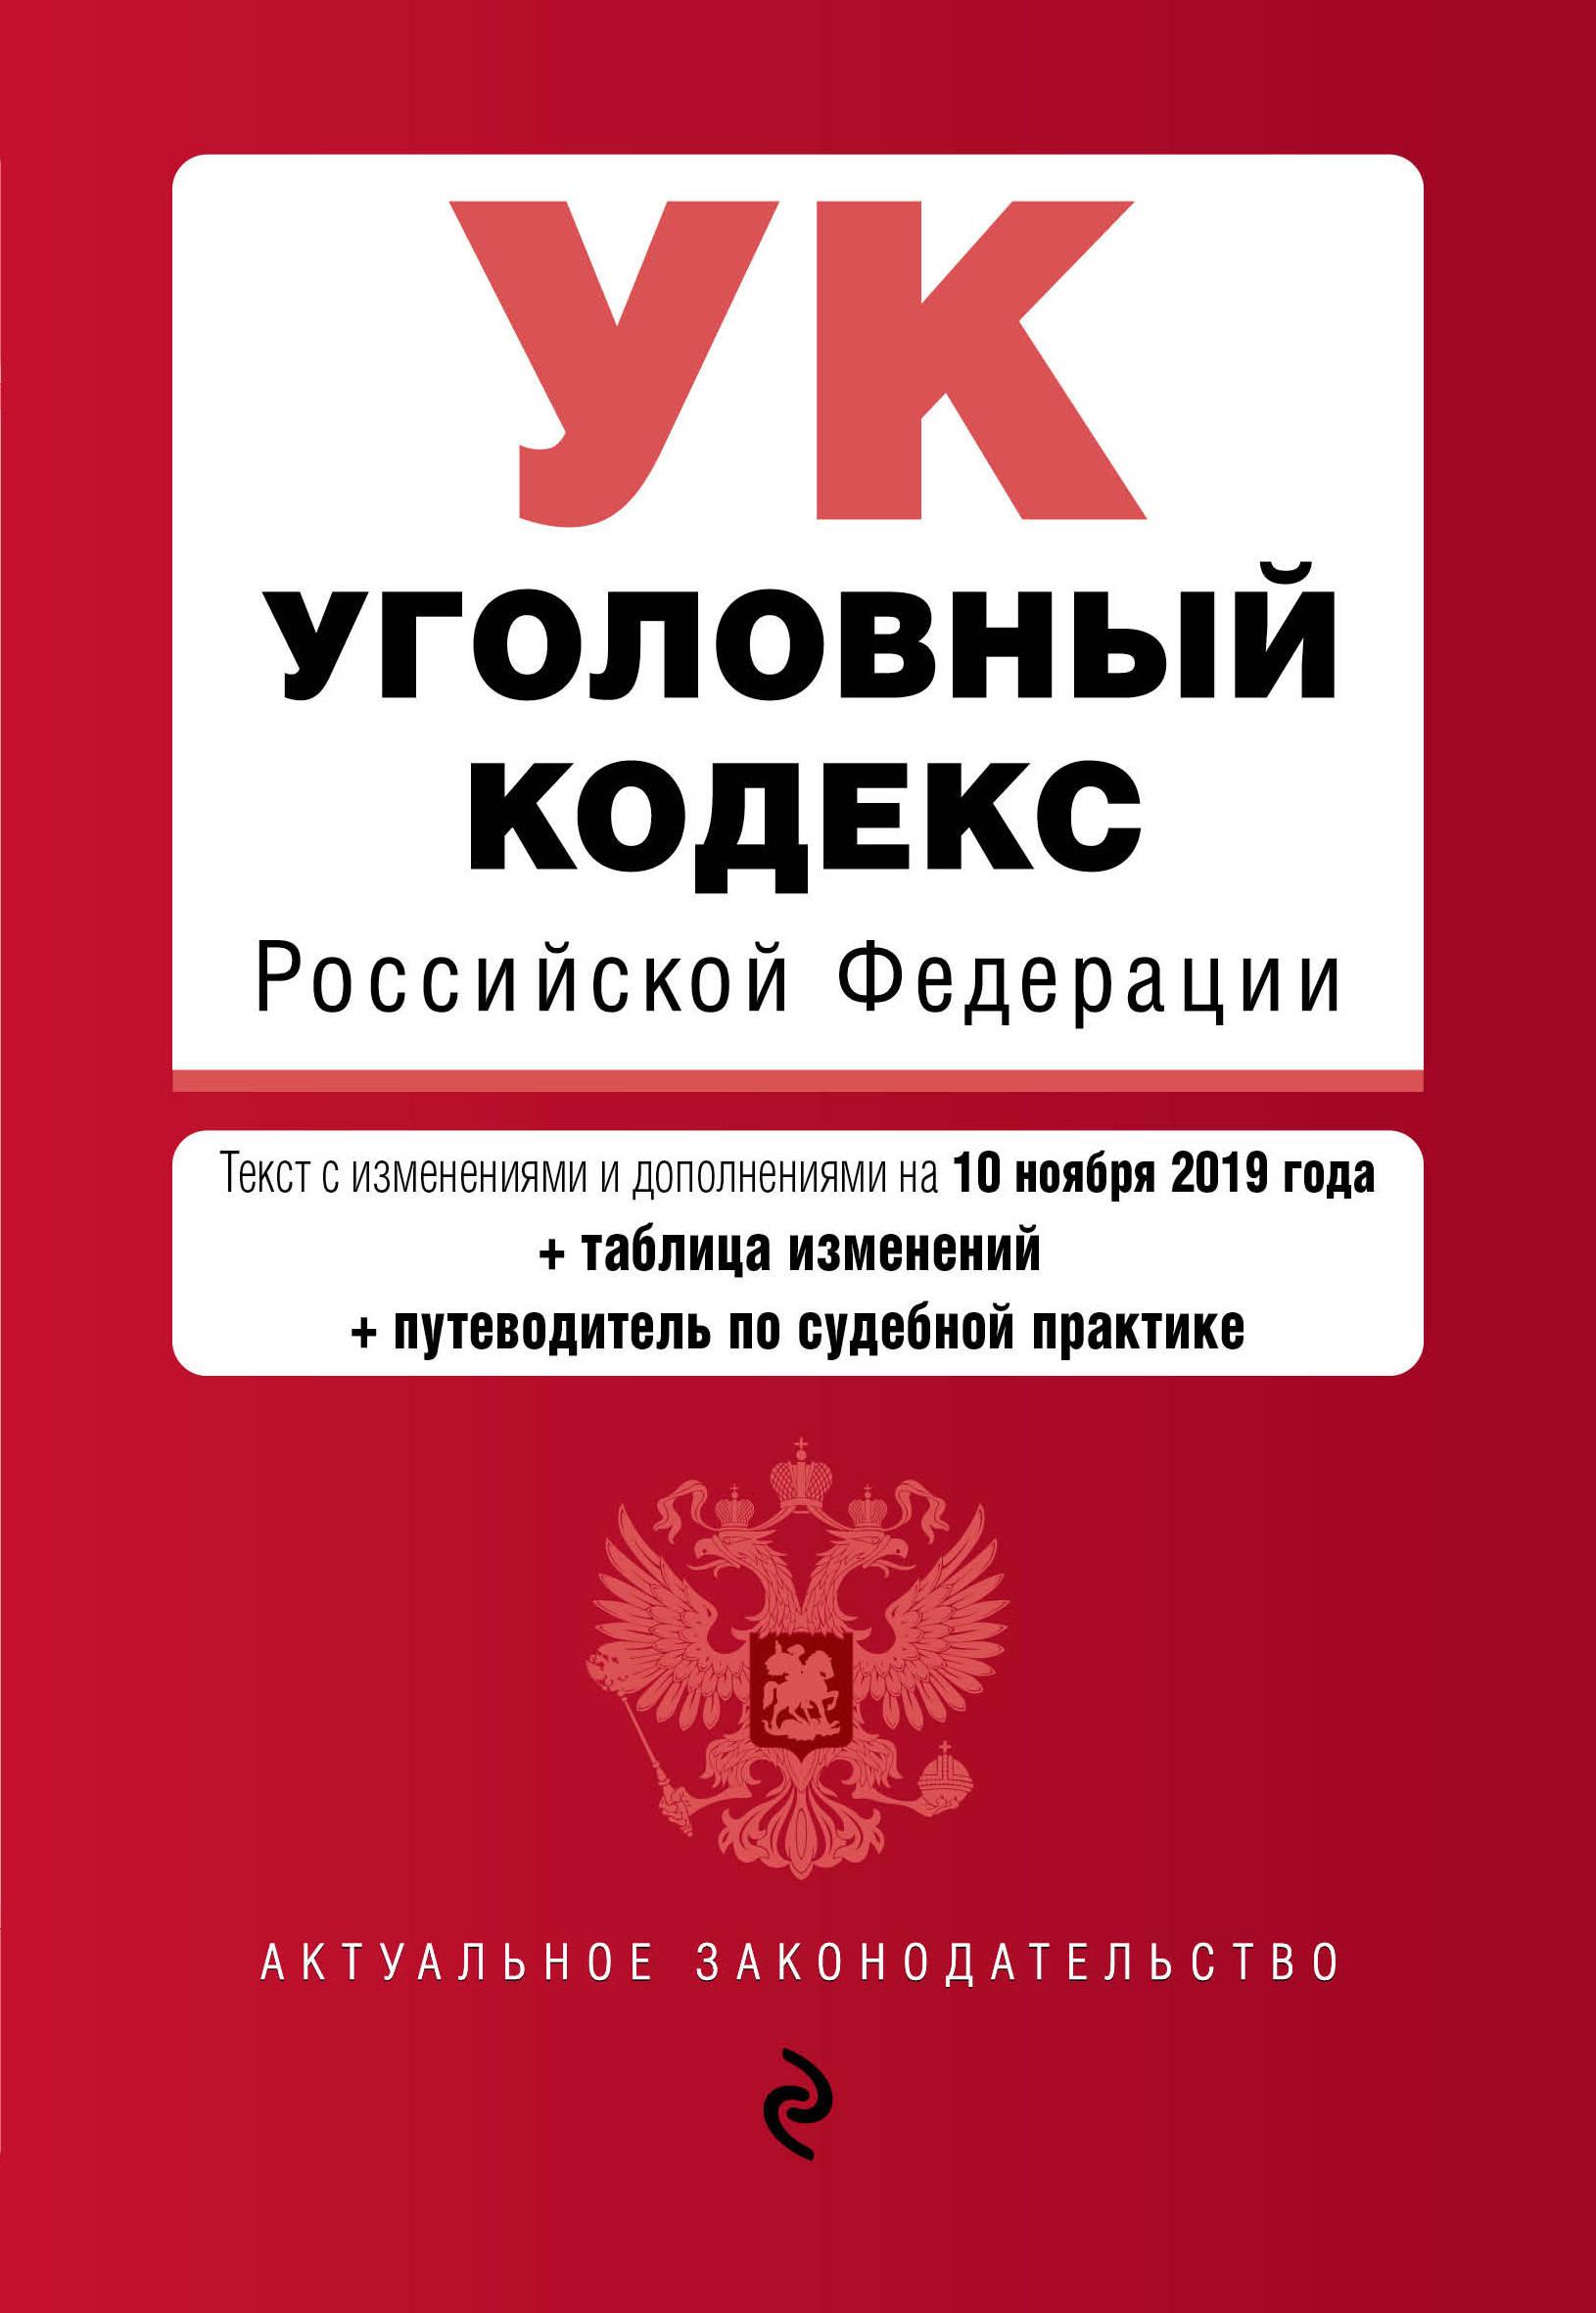 Ugolovnyj kodeks Rossijskoj Federatsii. Tekst s izm. i dop. na 10 nojabrja 2019 goda (+ tablitsa izmenenij) (+ putevoditel po sudebnoj praktike)